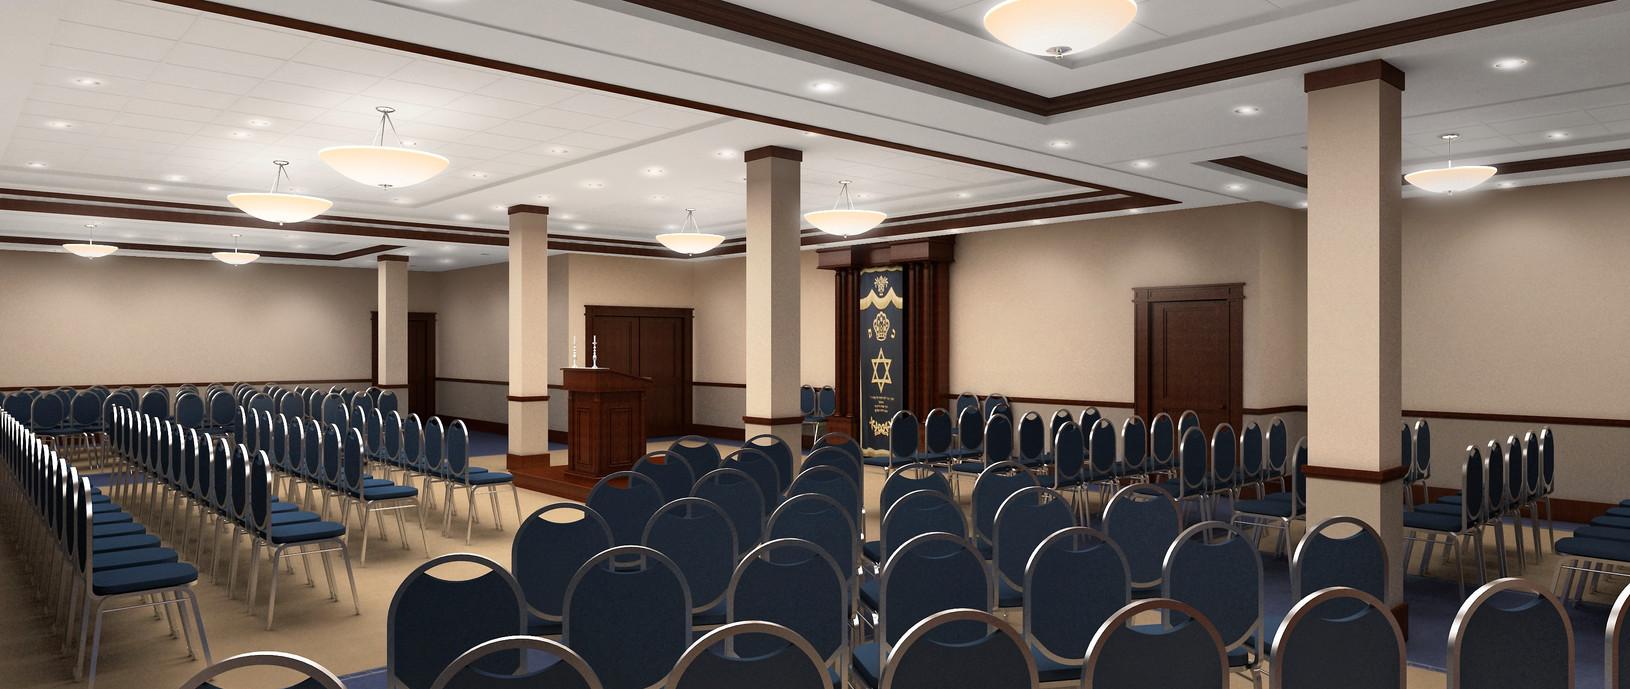 Temple Emanuel - LL pulpit final.jpg